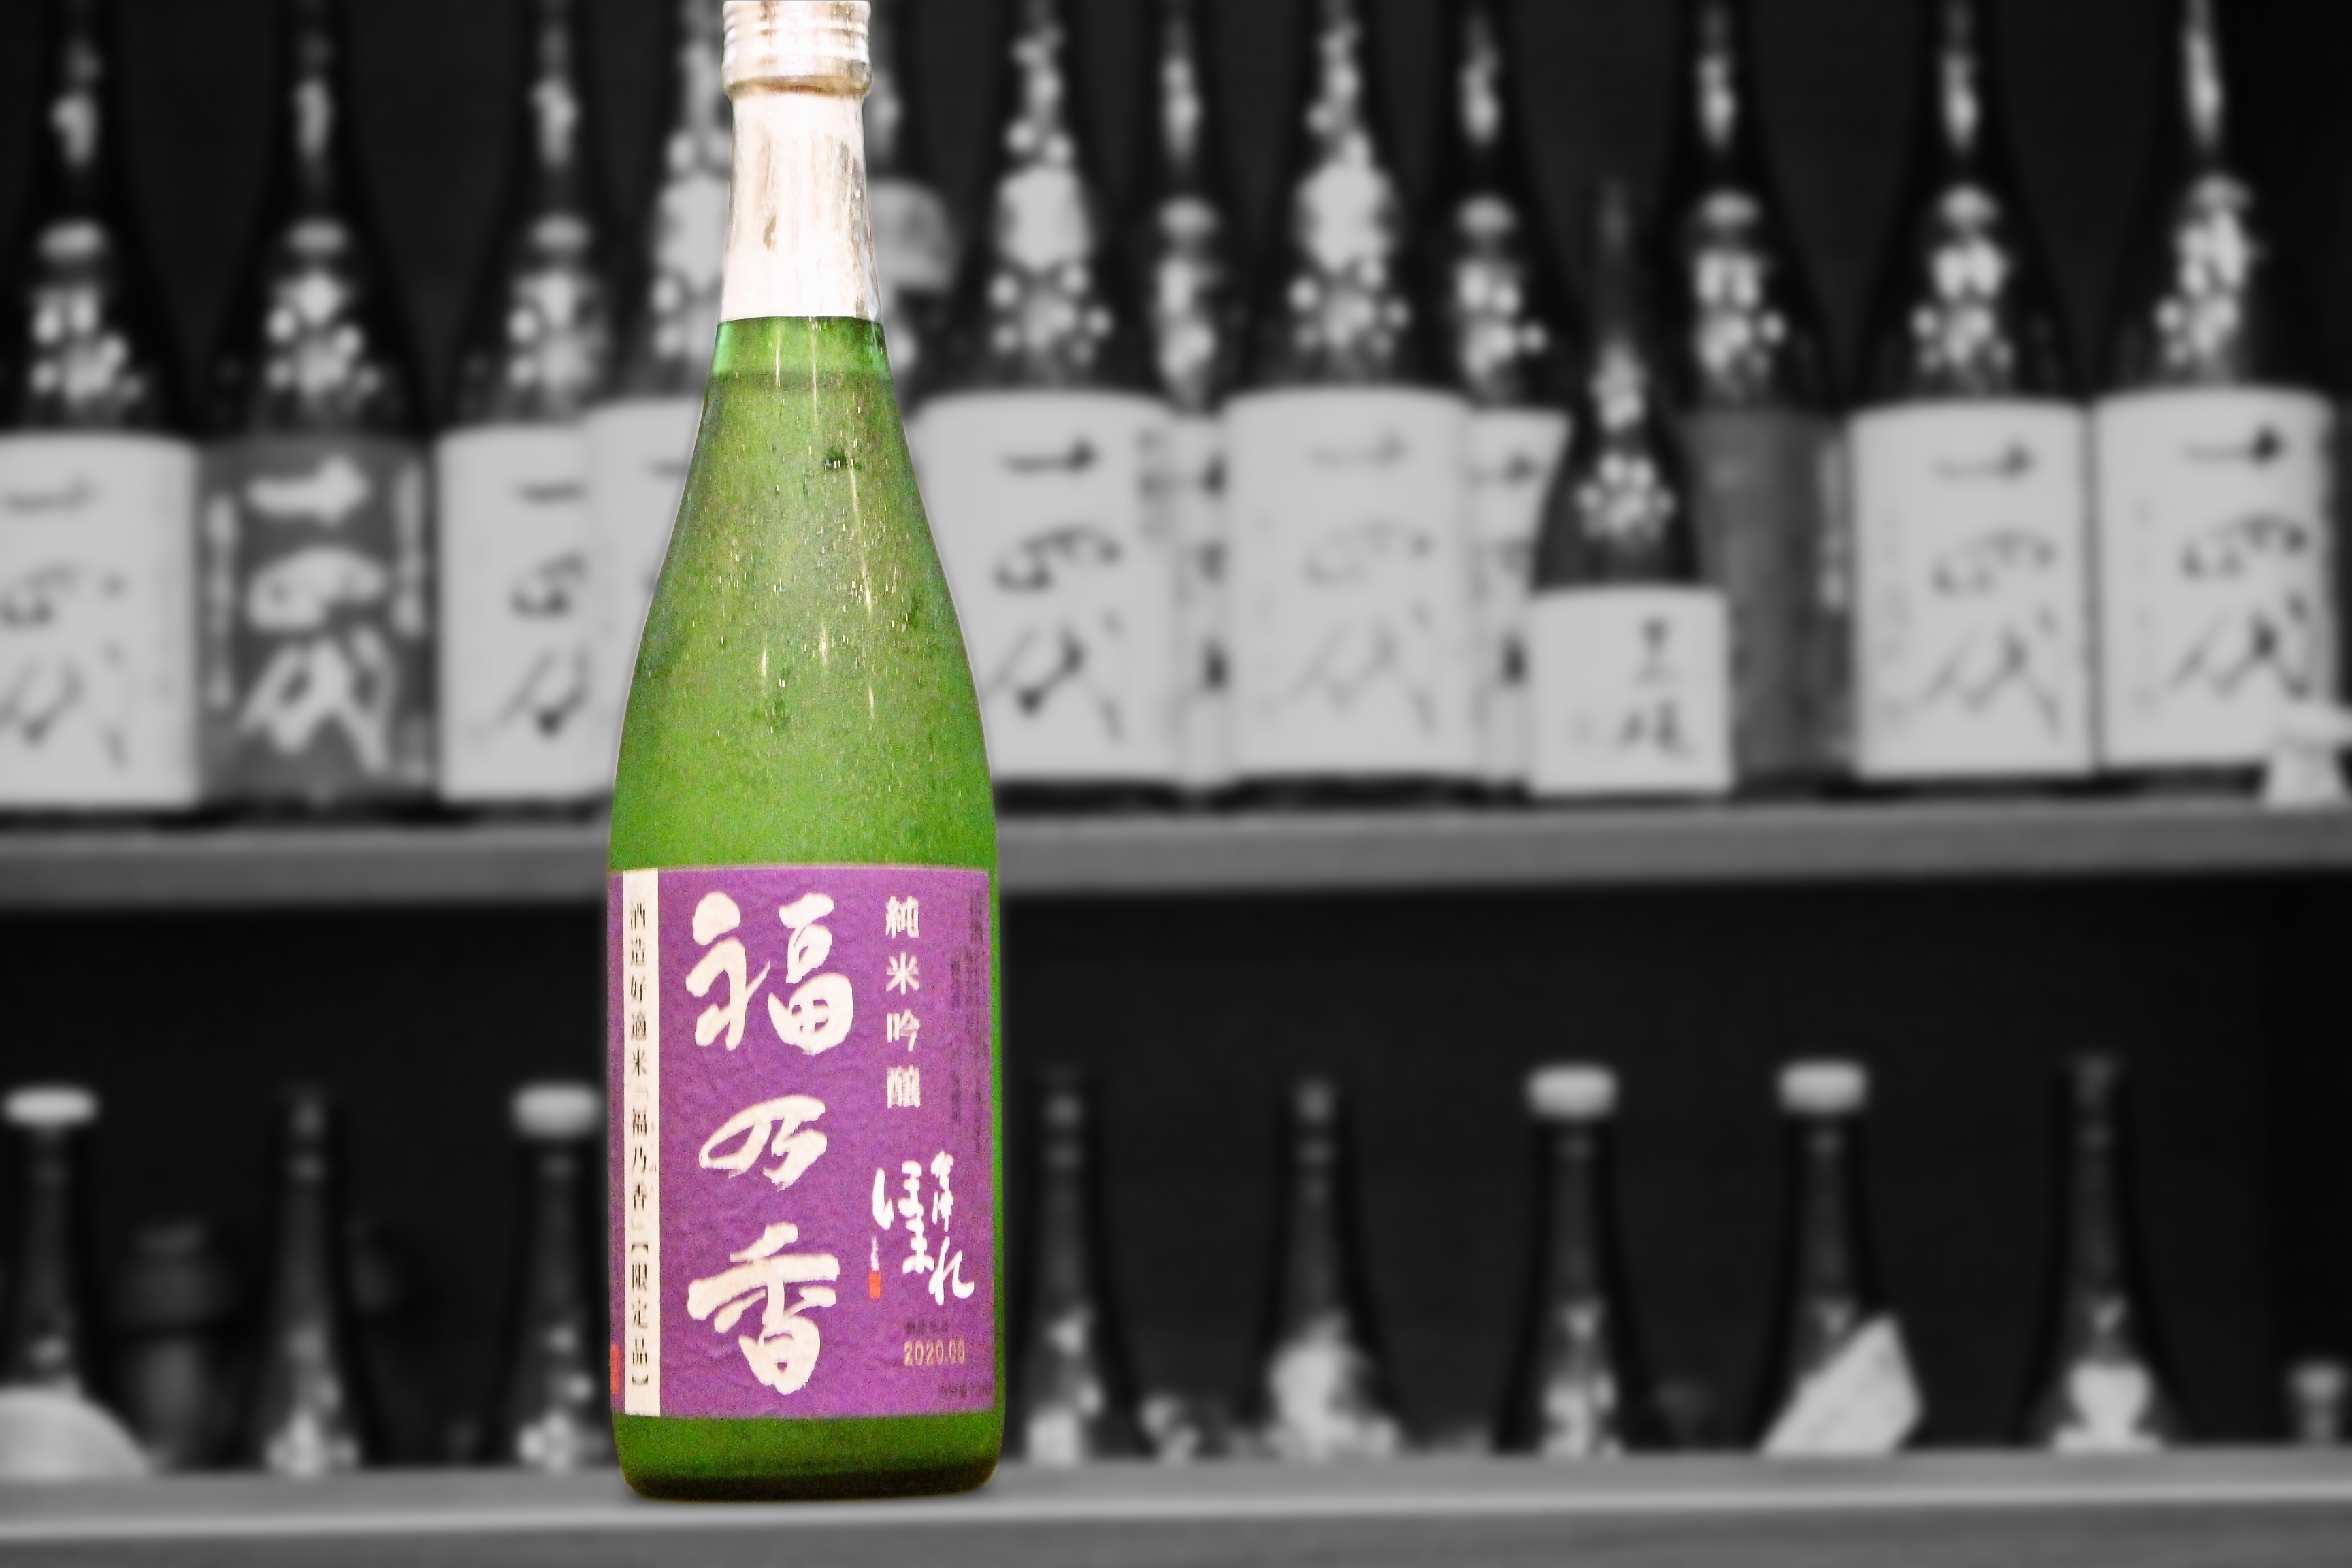 会津ほまれ純米吟醸福乃香202008-001